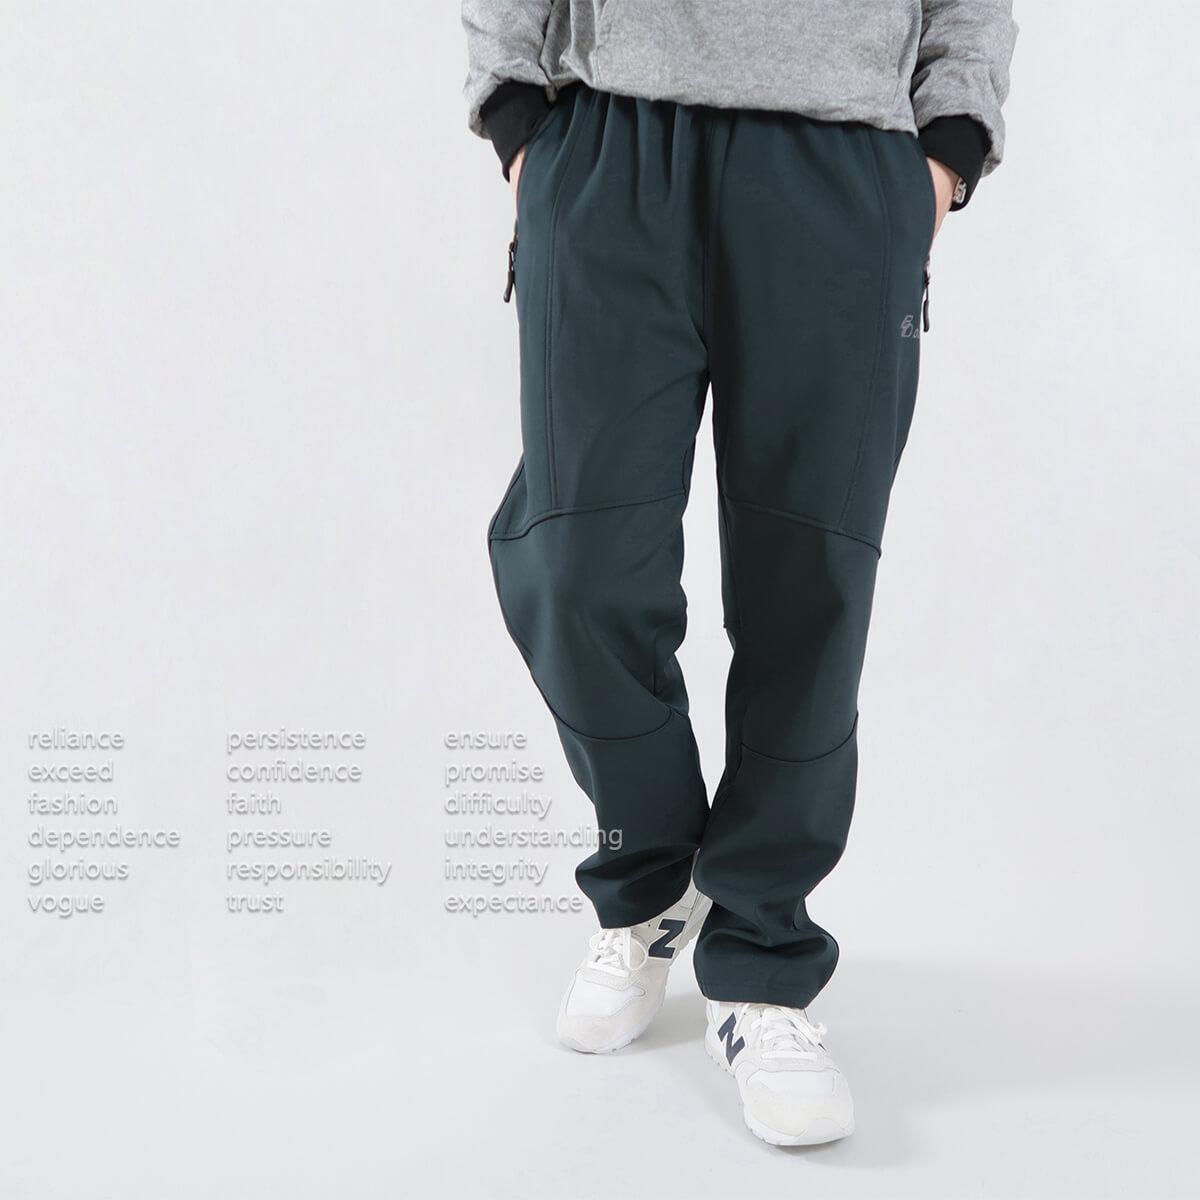 保暖厚刷毛軟殼褲 防風防潑水透氣保暖衝鋒褲 保暖褲 內裡刷毛褲 休閒長褲 黑色長褲 WARM THICK FLEECE LINED SOFTSHELL PANTS OUTDOOR PANTS (321-356-08)深藍色、(321-356-21)黑色、(321-356-22)藍綠色 腰圍M L XL 2L(28~40英吋) [實體店面保障] sun-e 4